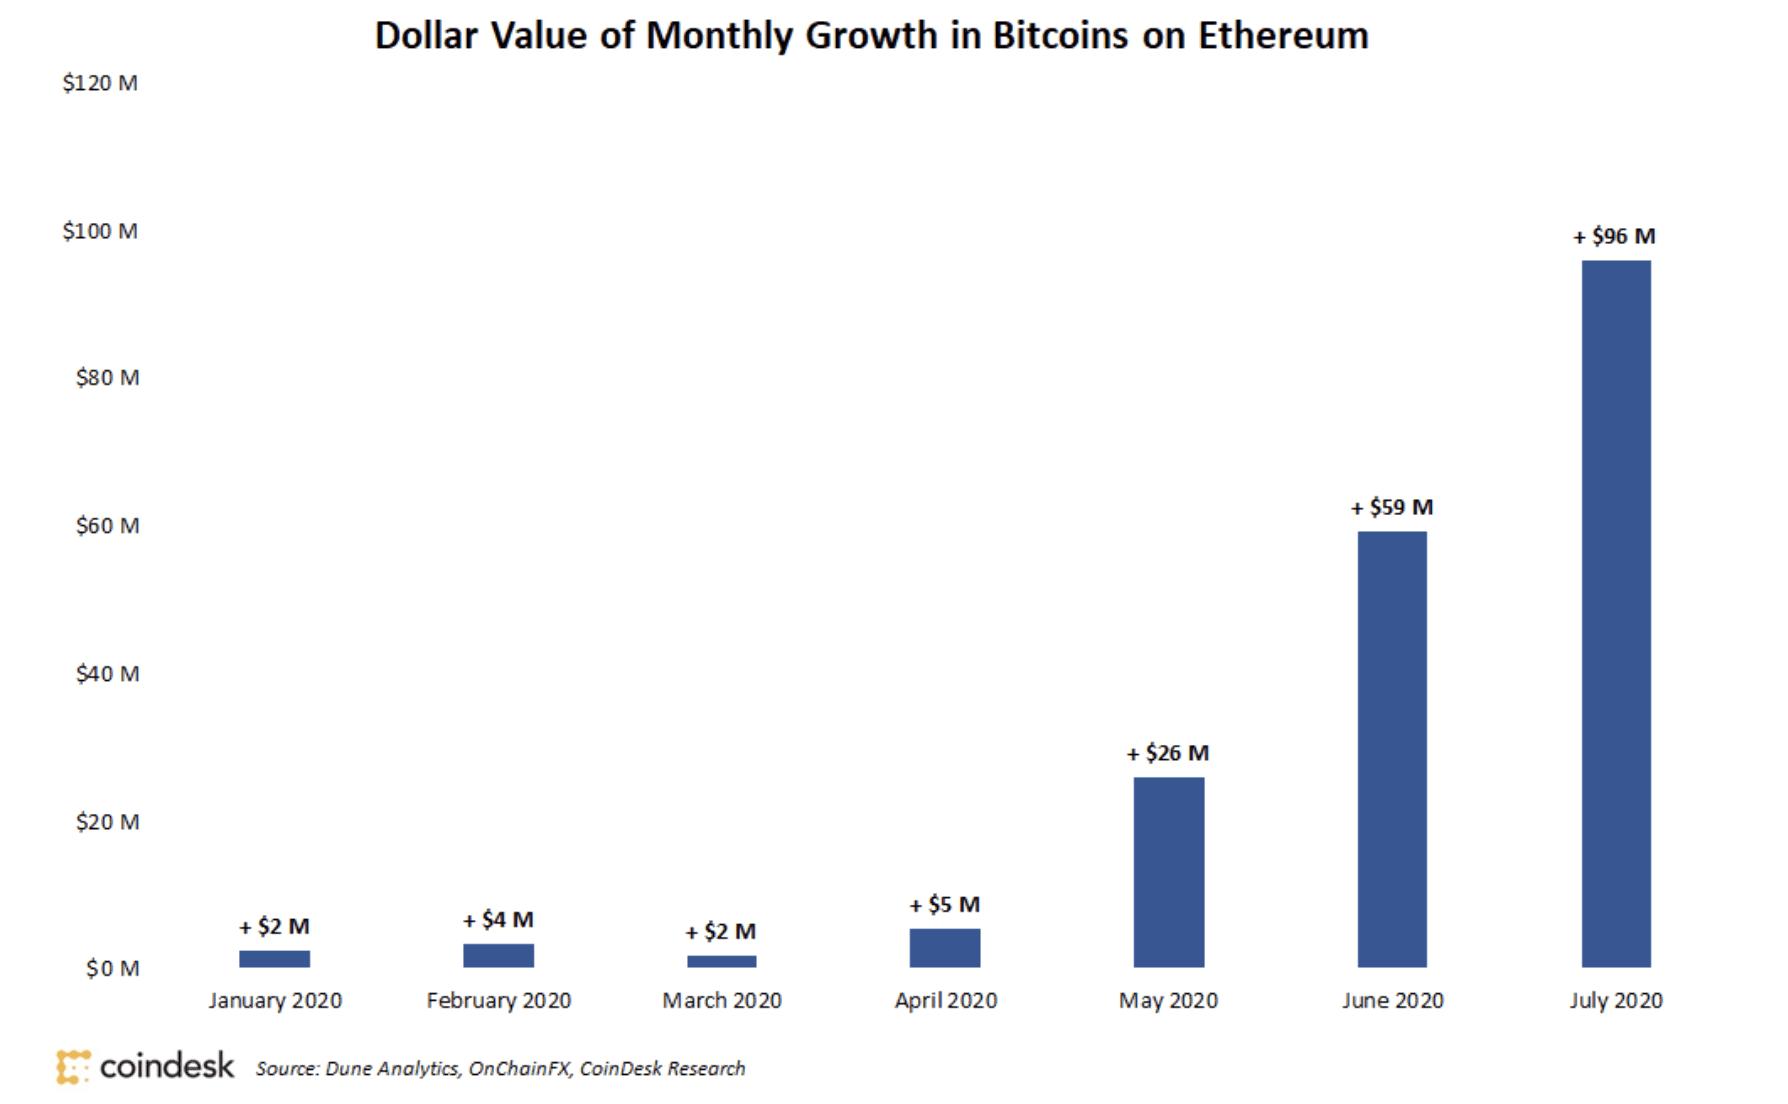 Ethereum Üzerindeki Bitcoin'lerin Artış Grafiği (Aylık)